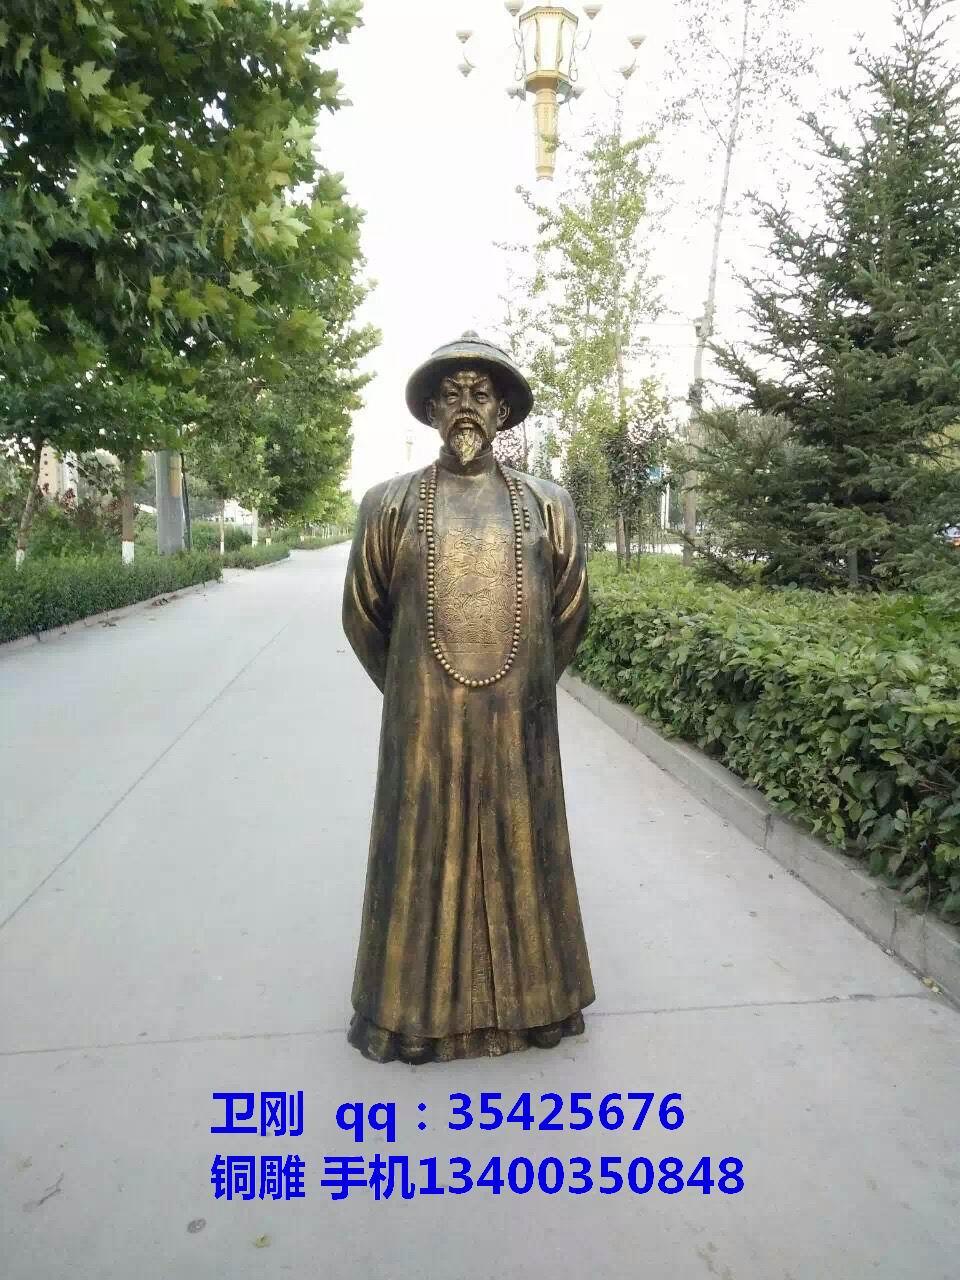 历史人物雕塑,铜雕塑林则徐,名人雕塑